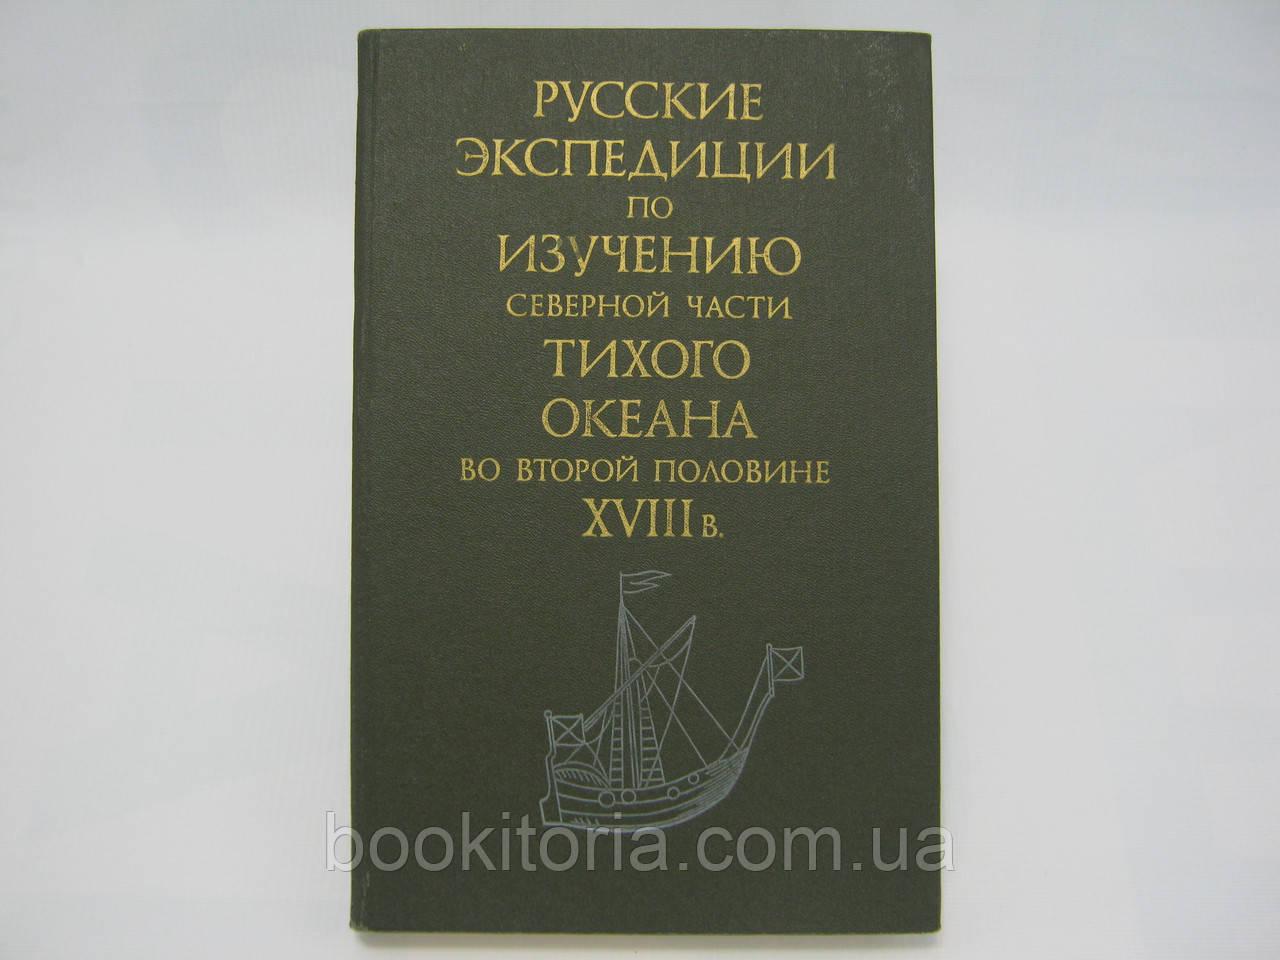 Русские экспедиции по изучению северной части Тихого океана во второй половине XVIII века (б/у).